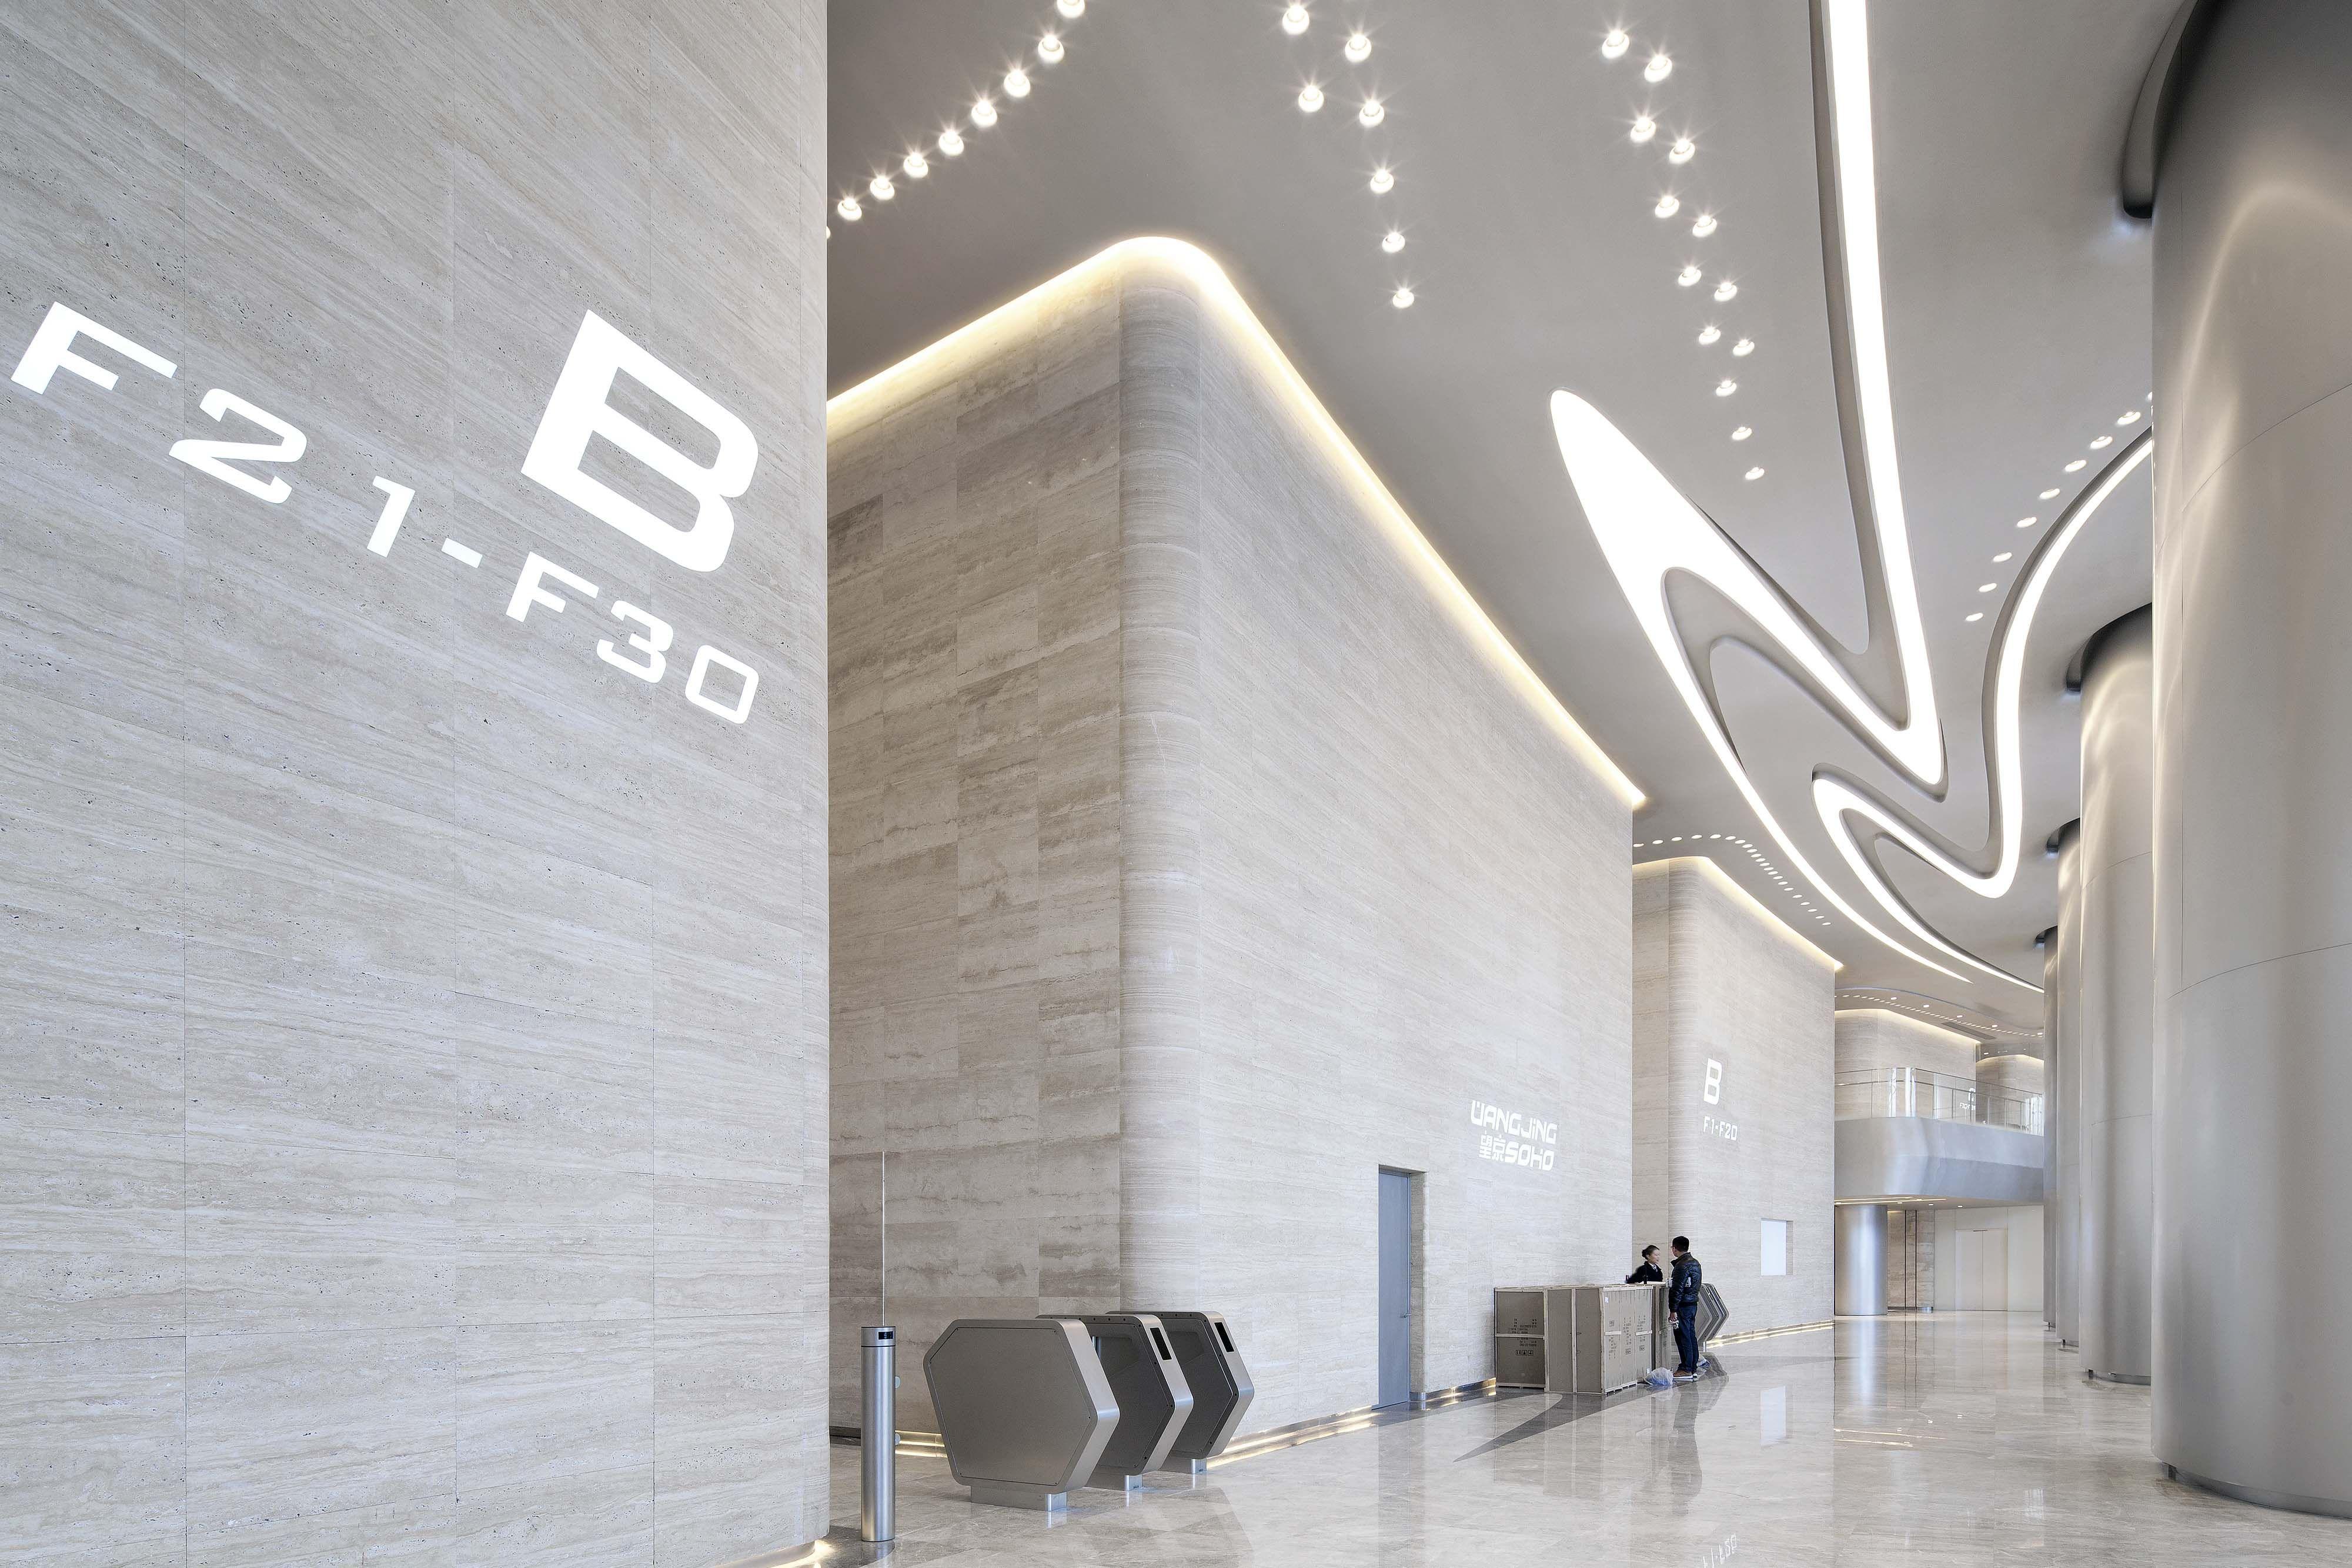 Wangjing Soho Architecture Zaha Hadid Architects Zaha Hadid